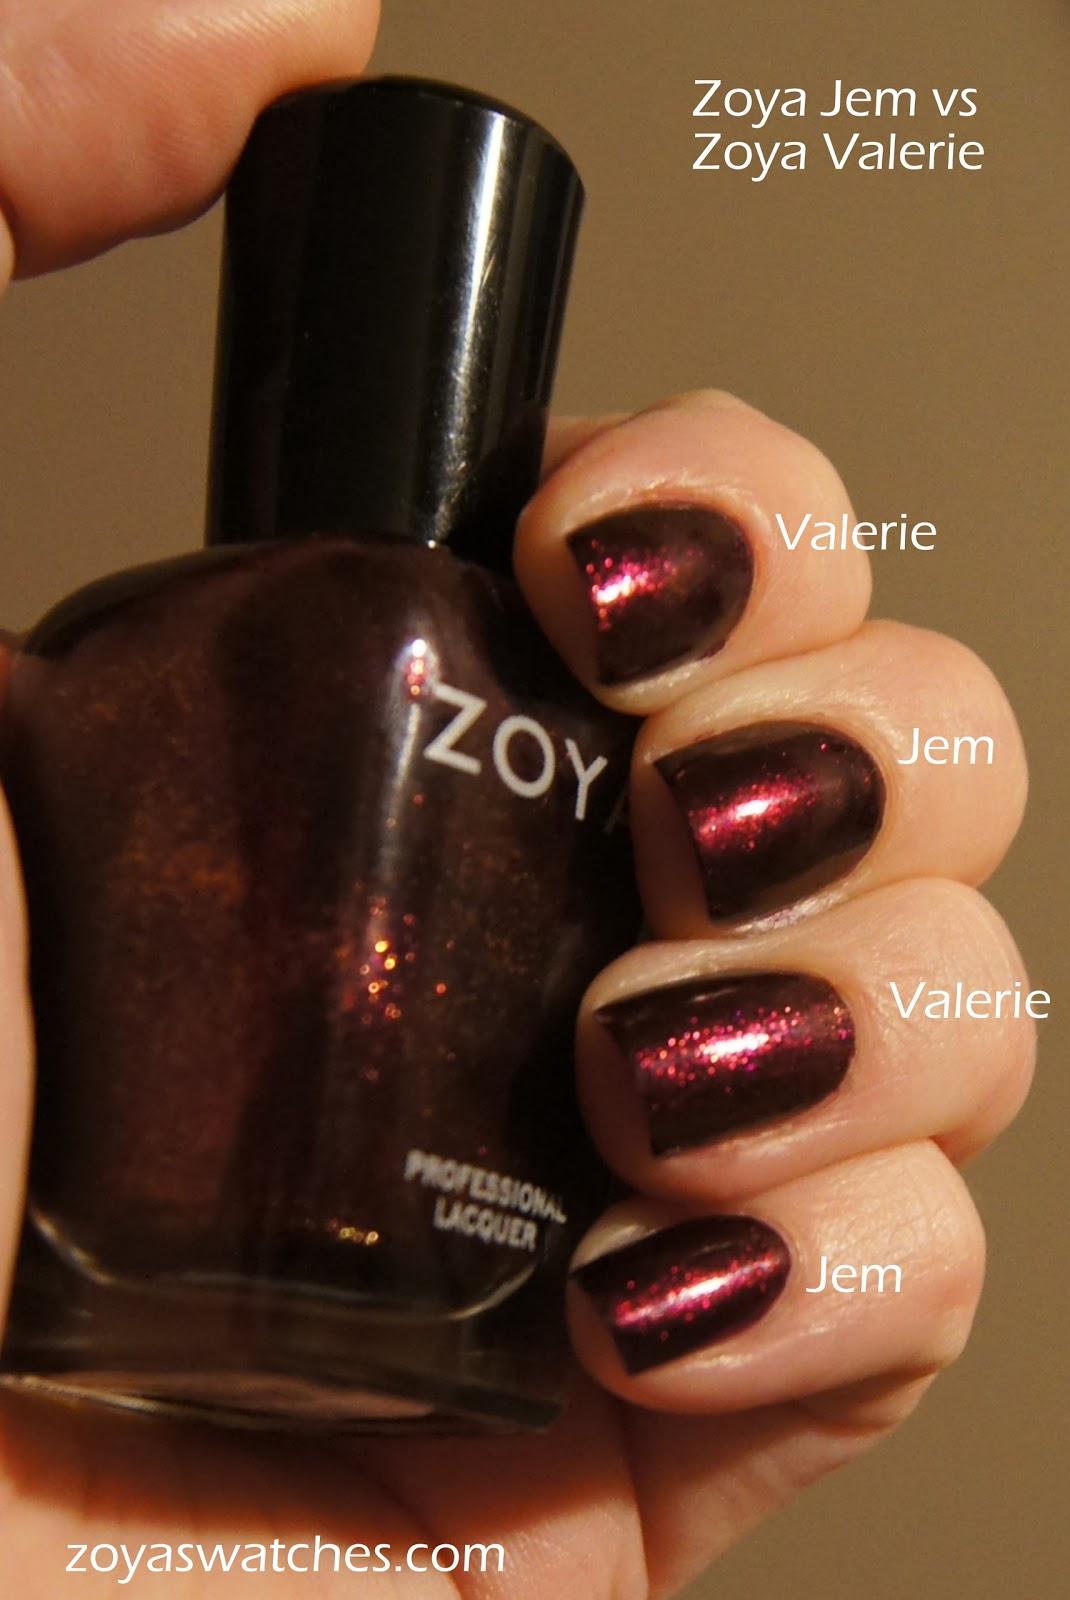 Zoya Valerie Vs Jem Color Me Jules:...